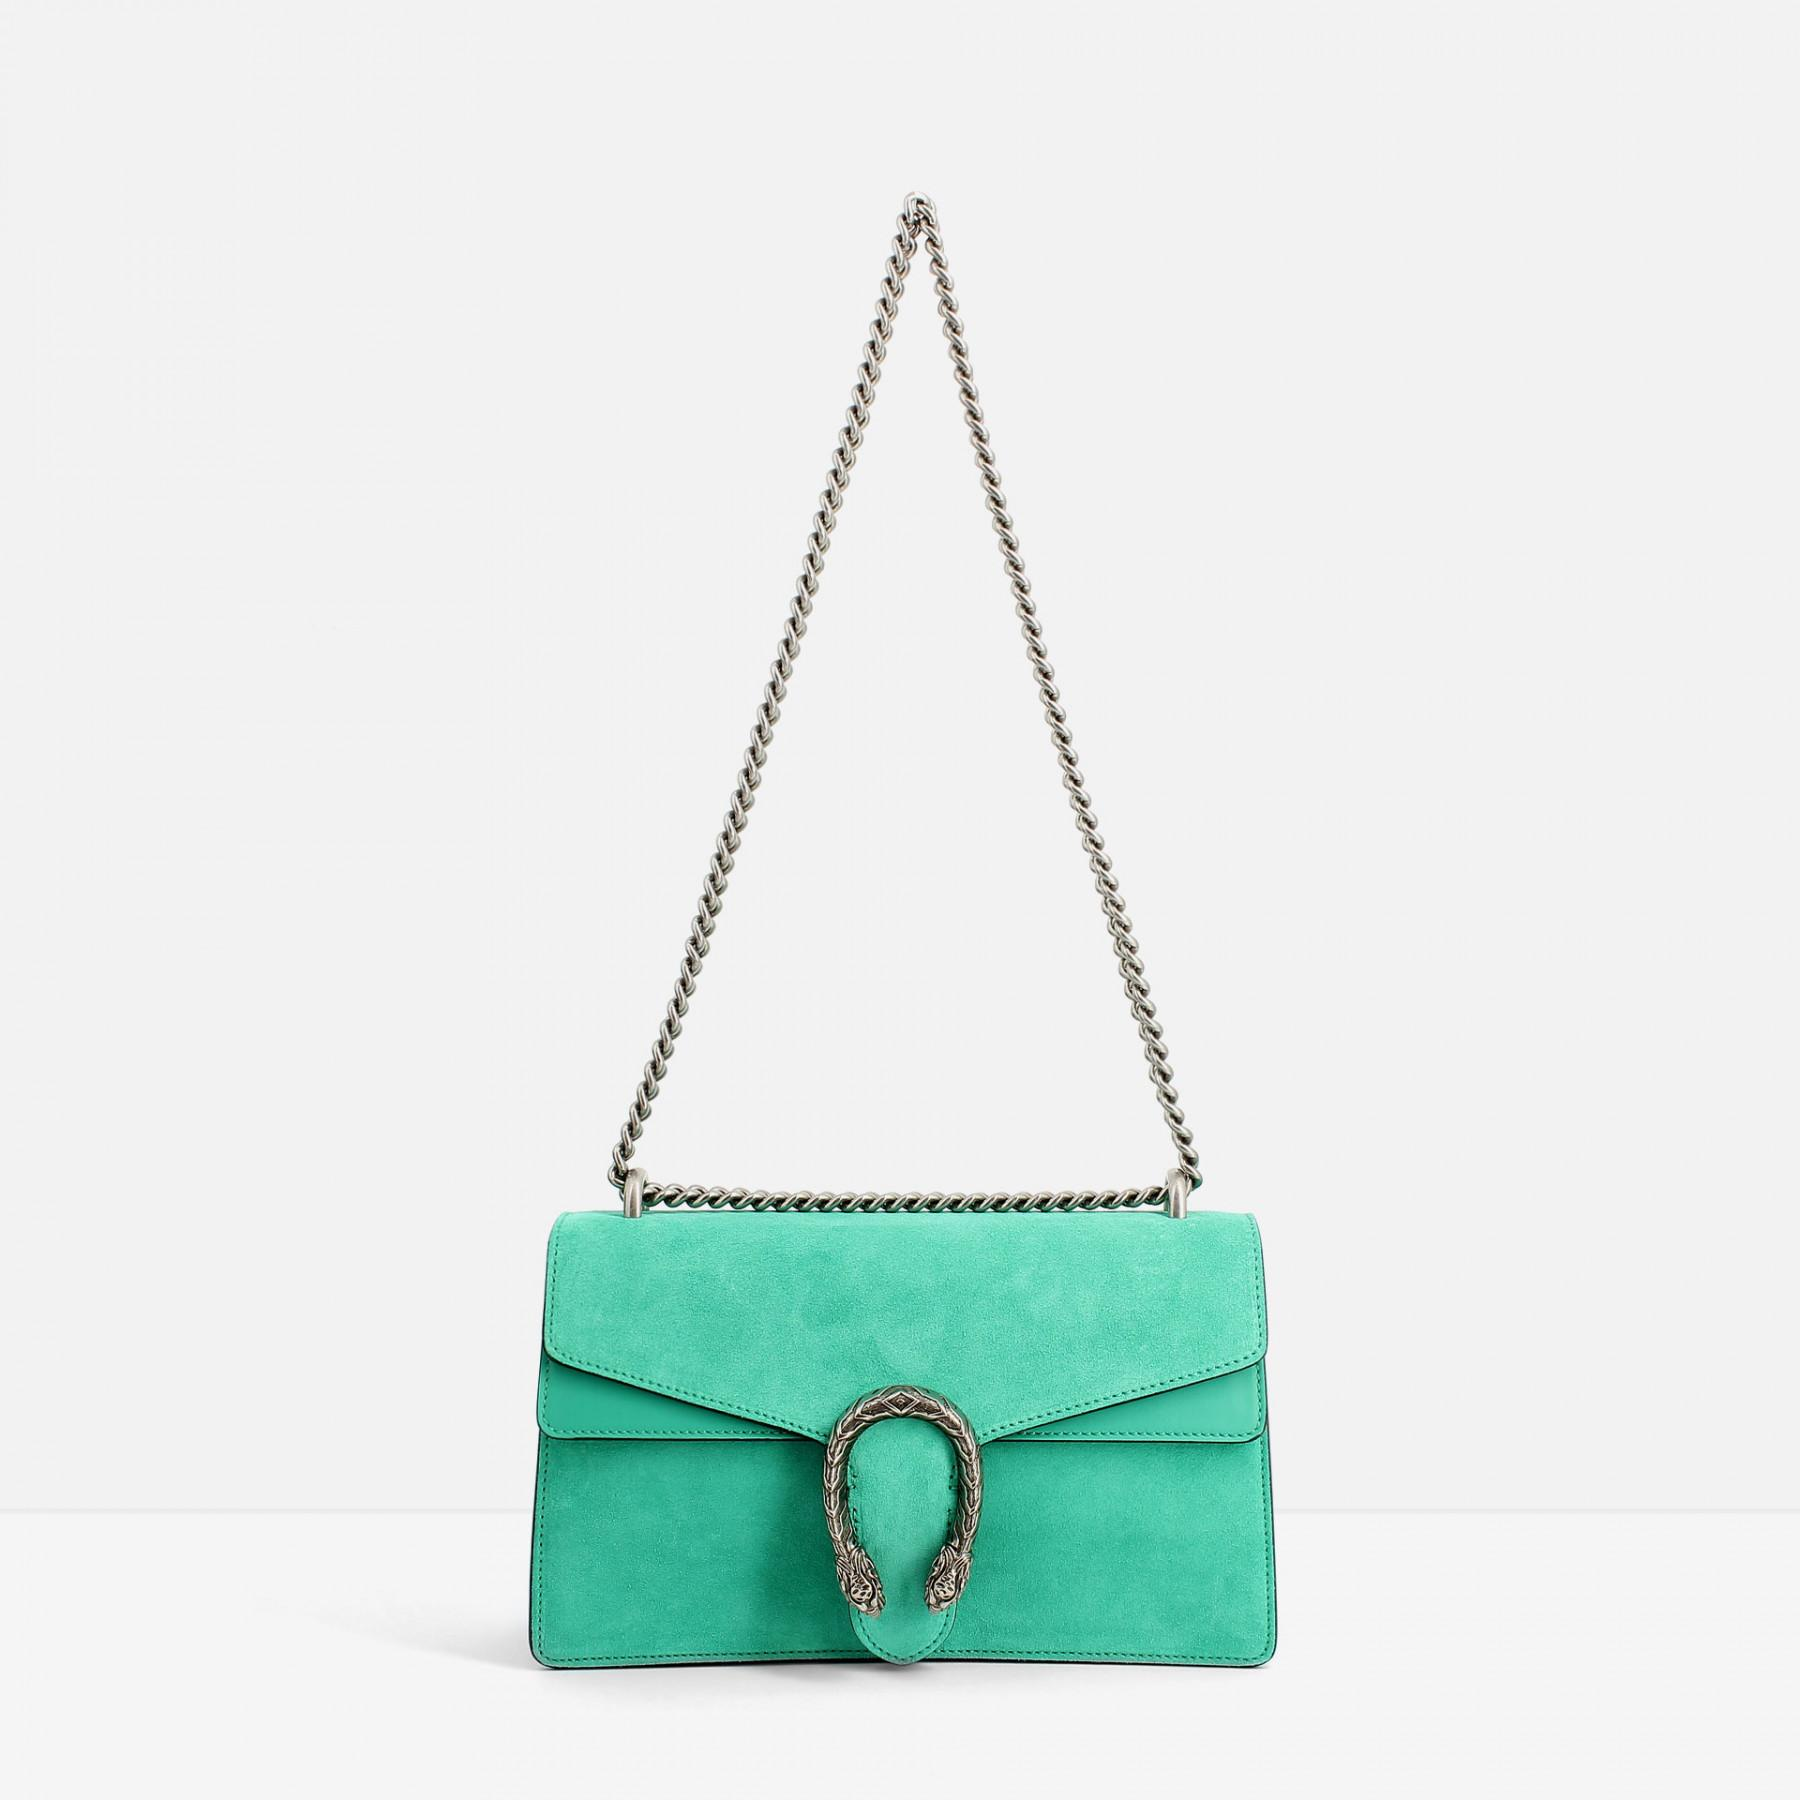 adbb9650083 Gucci Dionysus Suede Shoulder Bag in Green - Lyst